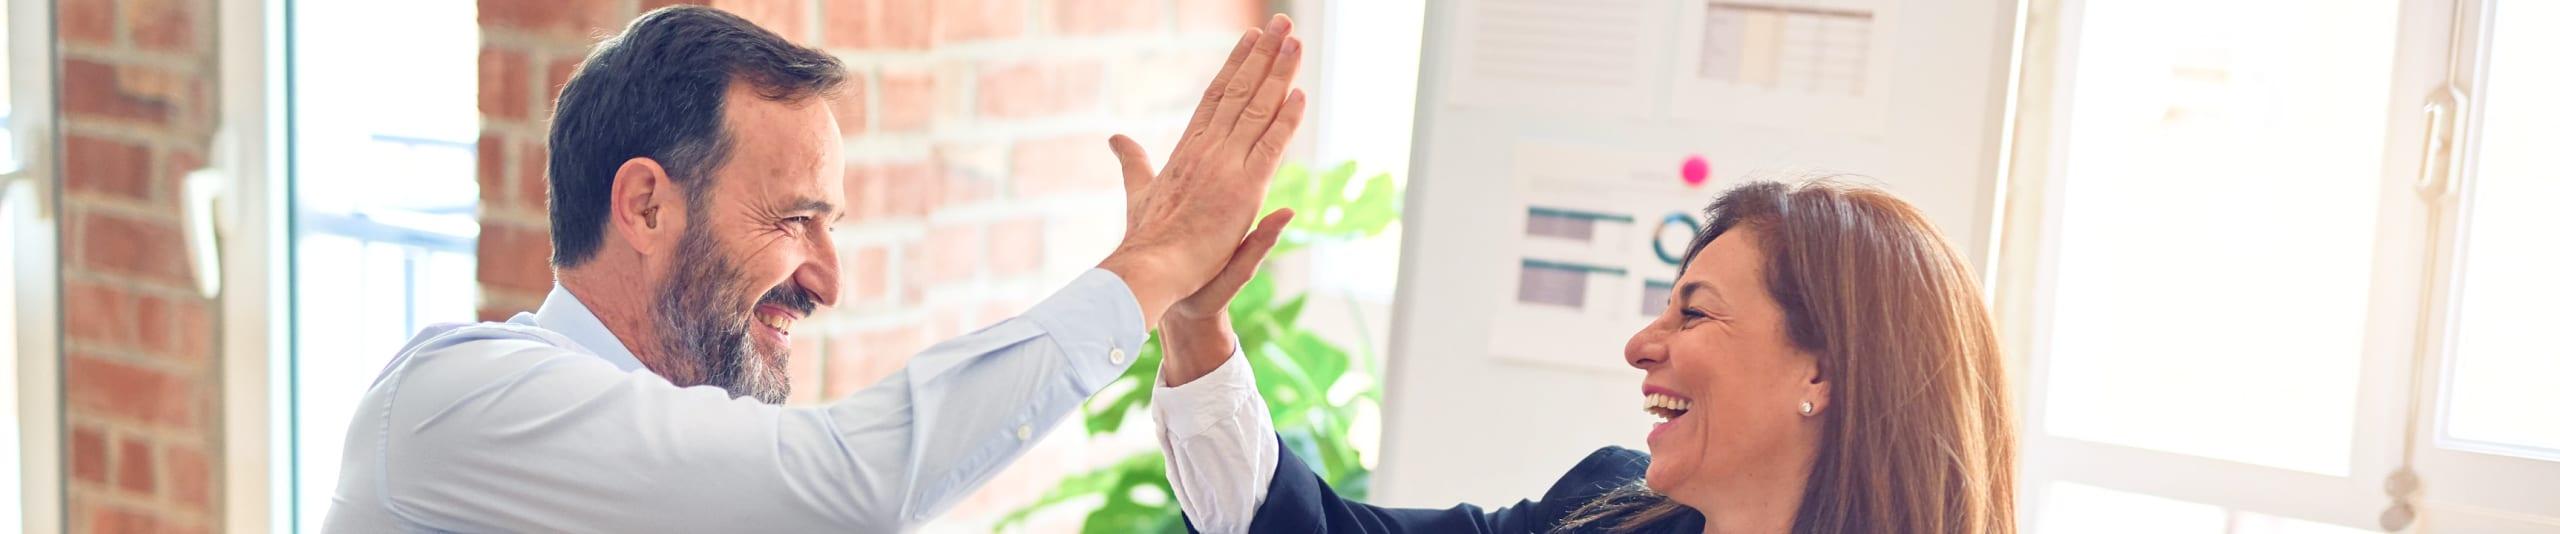 Seguro Vida Empresas: garanta a estabilidade do seu negócio em caso de infortúnio